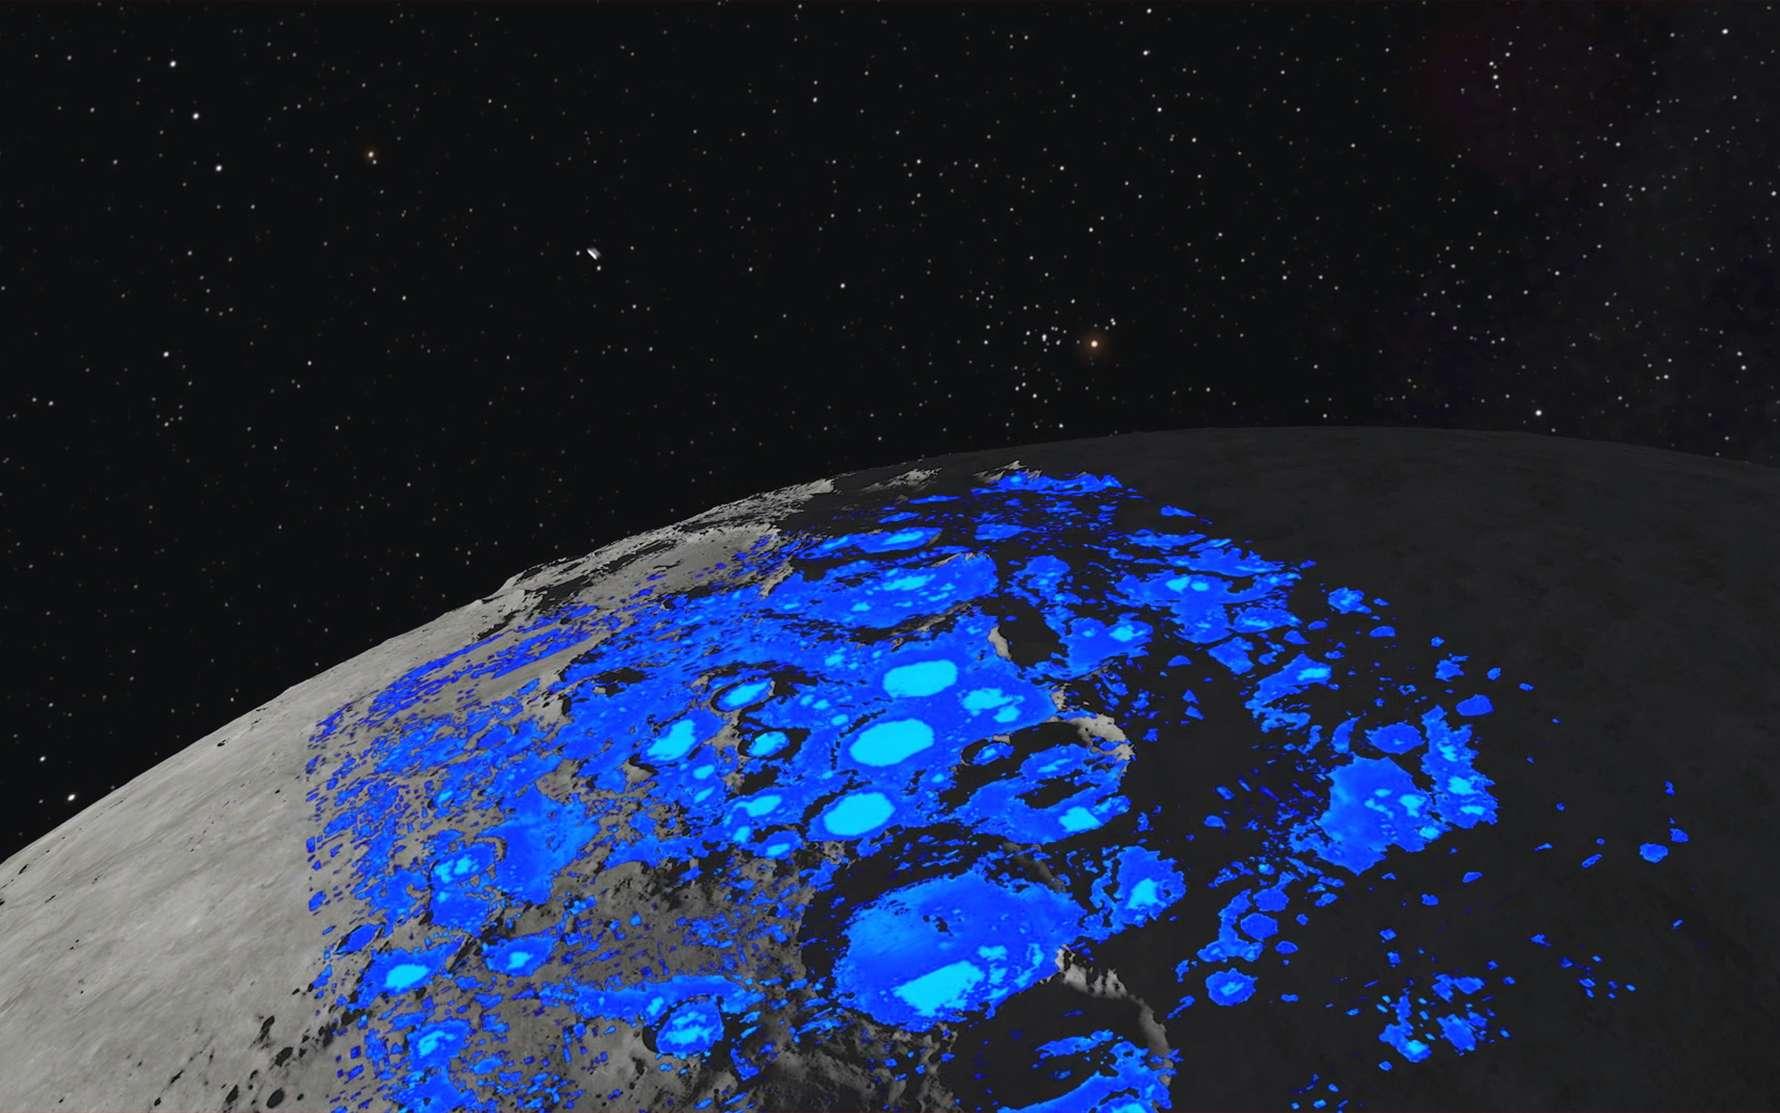 Carte des dépôts de glace d'eau dans le sous-sol lunaire situés à un mètre de profondeur. © Data from Paige et al., Science